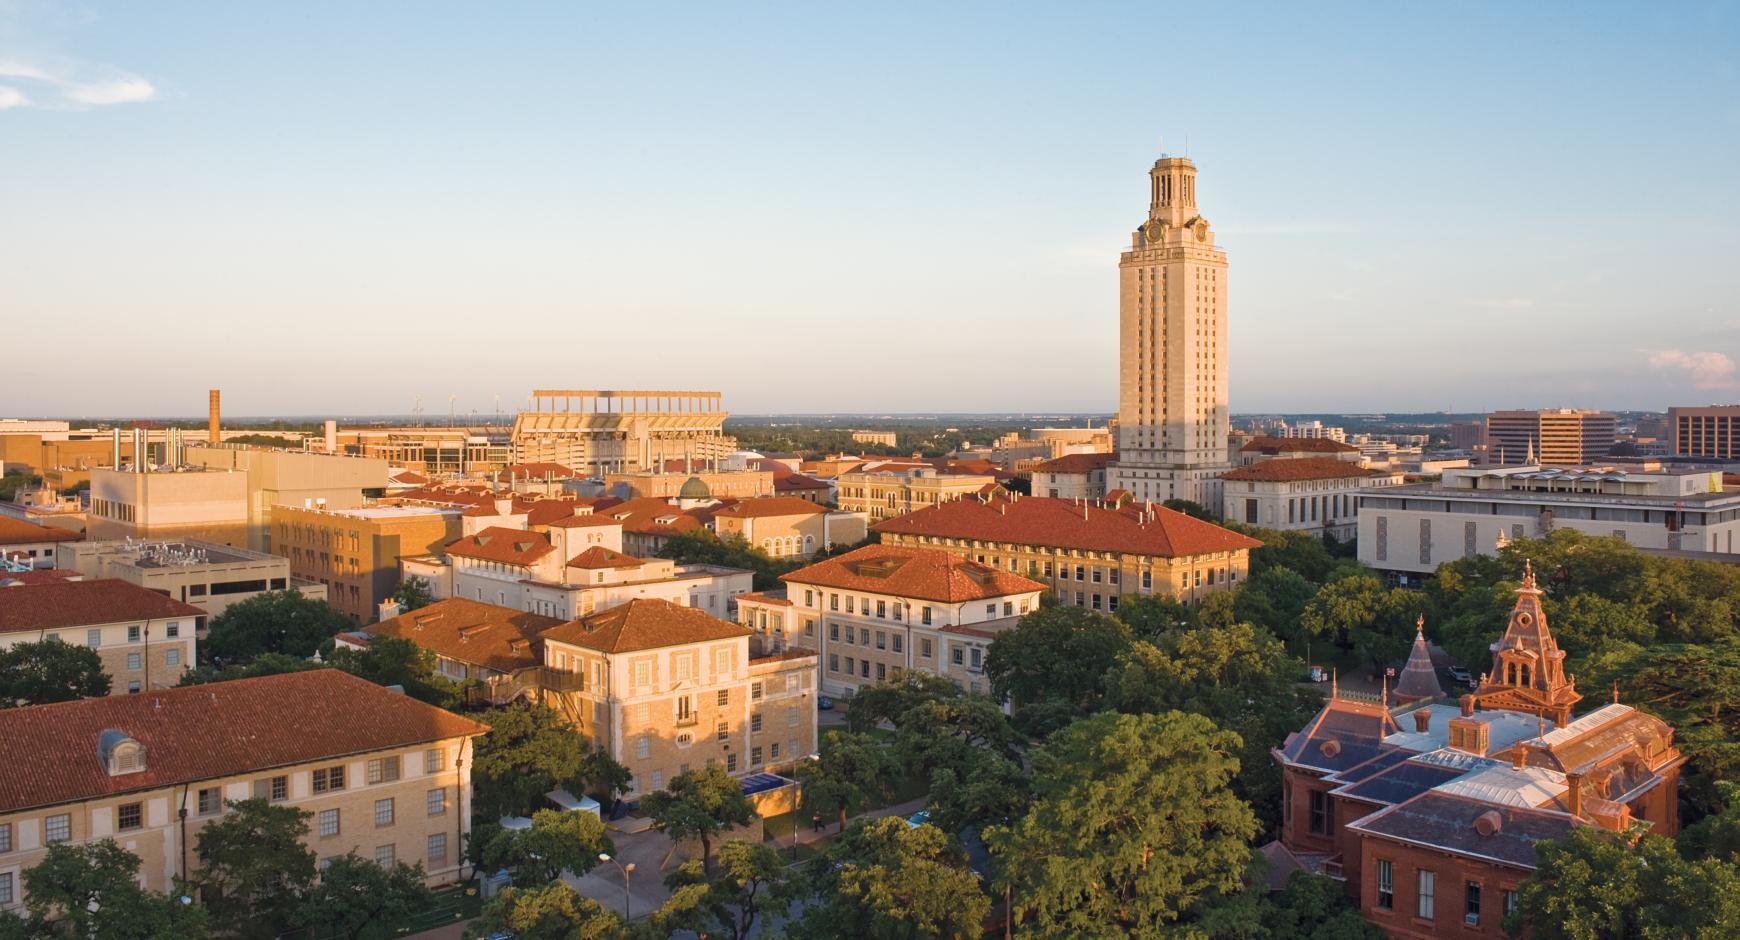 UT Austin's main campus